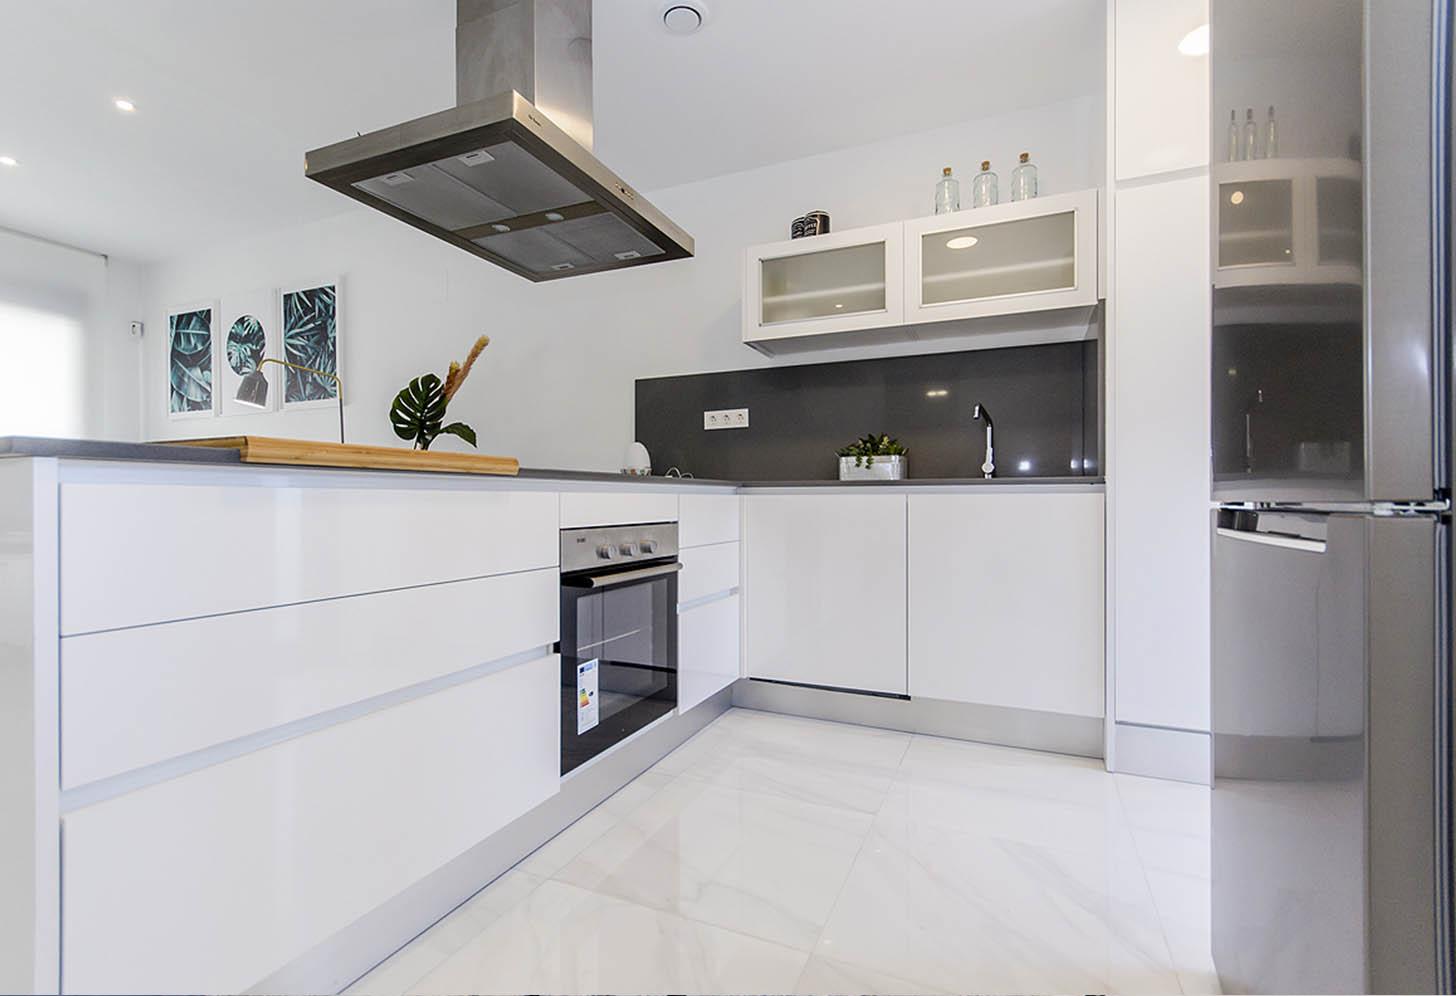 immobilier neuf espagne costa blanca on-f3 don benito bigastro cuisine